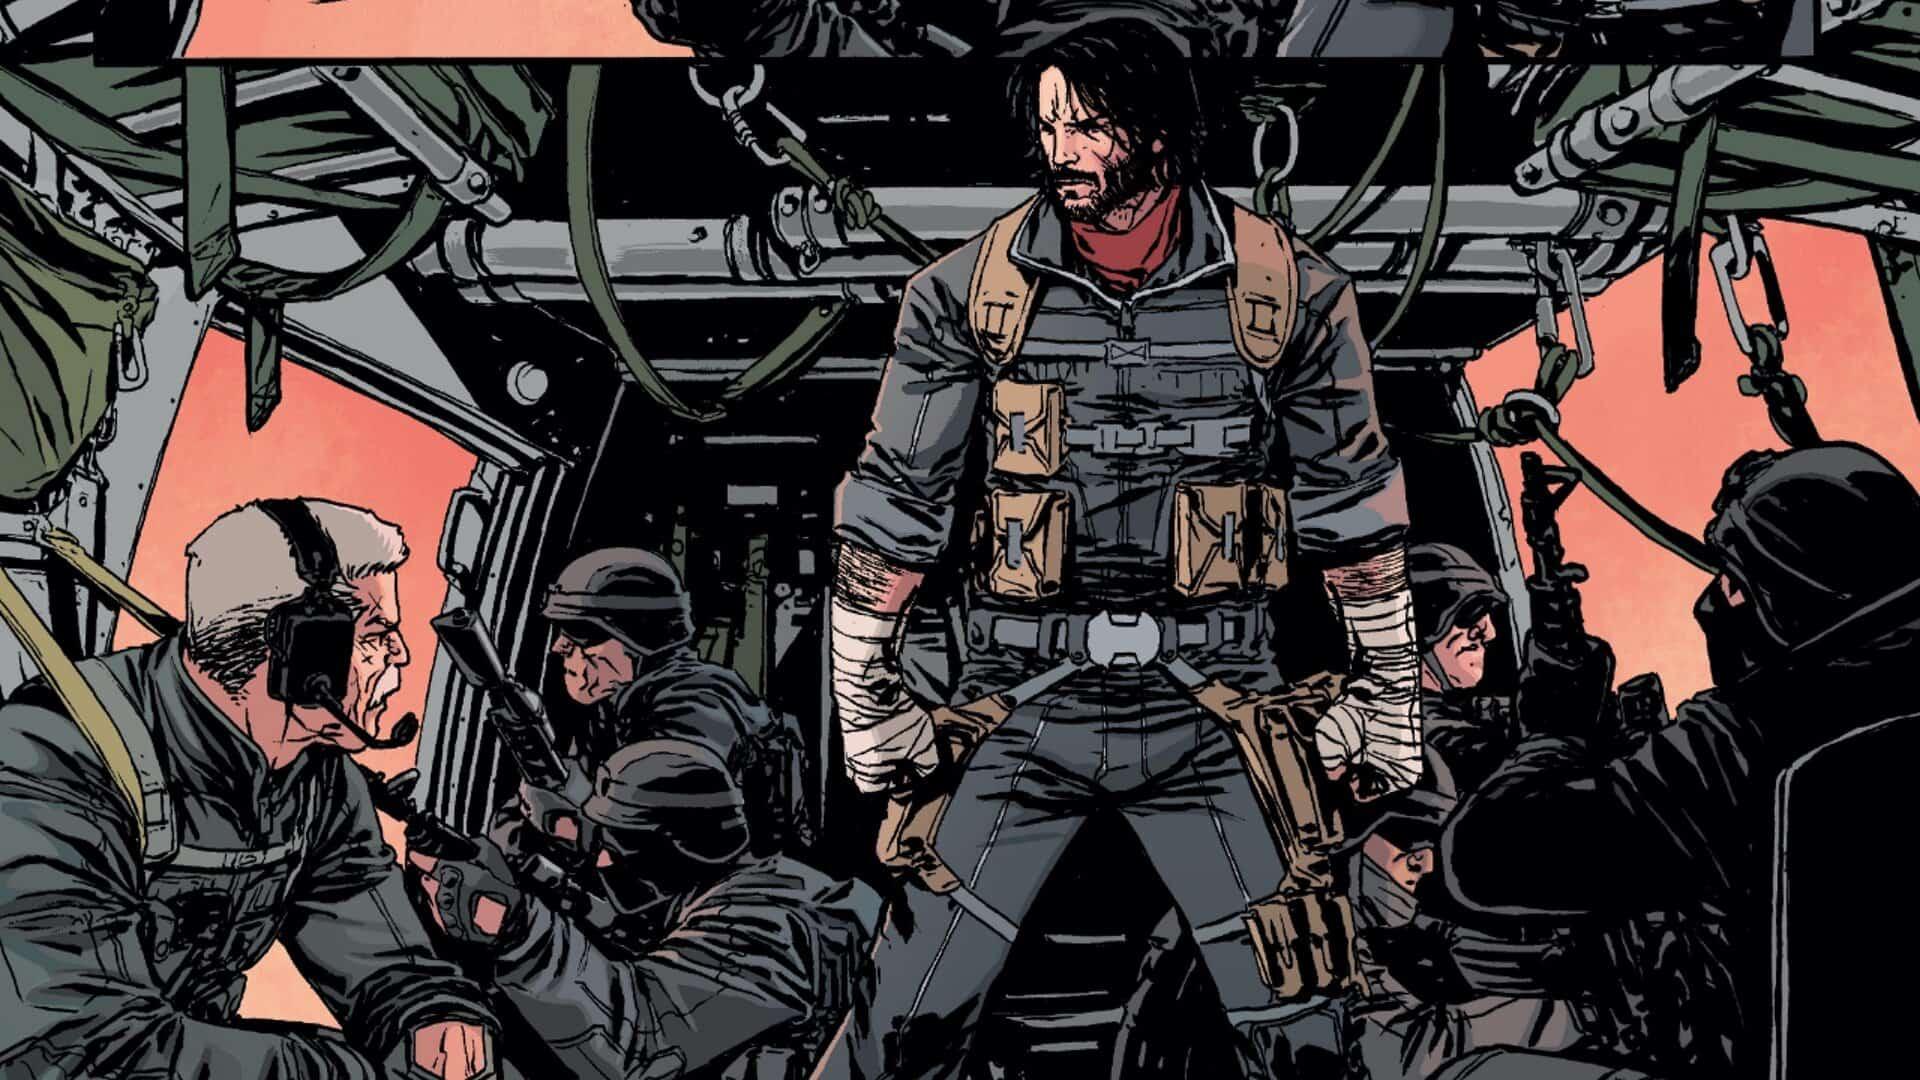 Keanu Reeves bintangi 'live action' komik BOOM Studios buatan dirinya sendiri